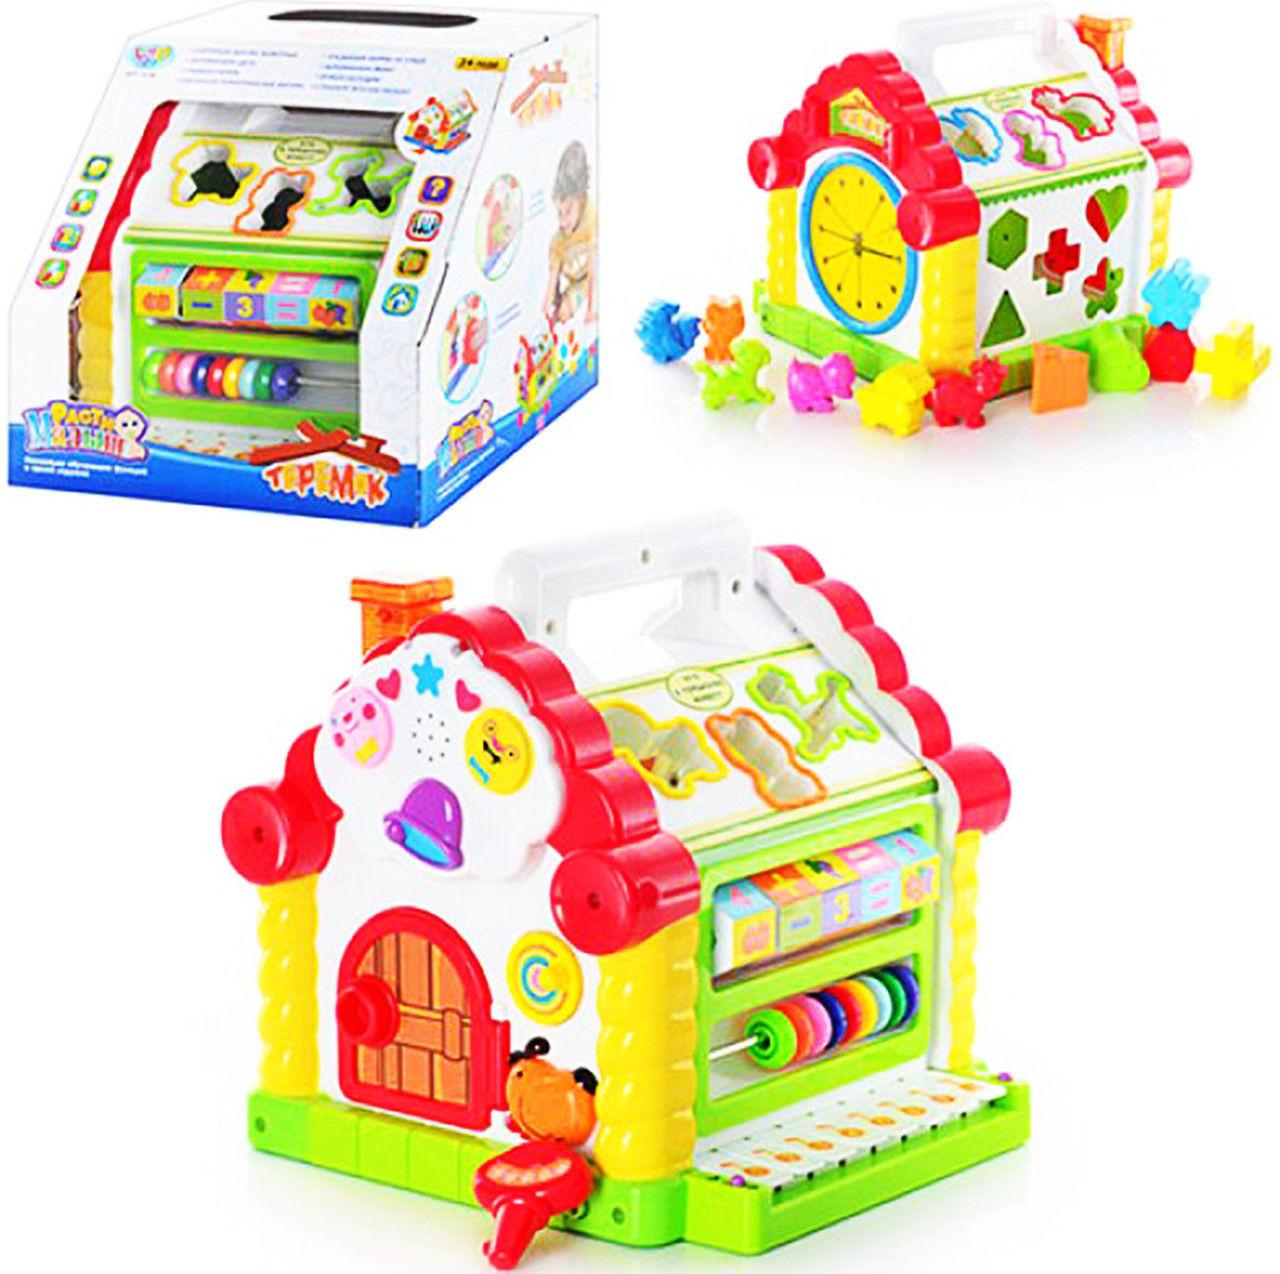 Багатофункціональний Теремок Joy Toy сортер